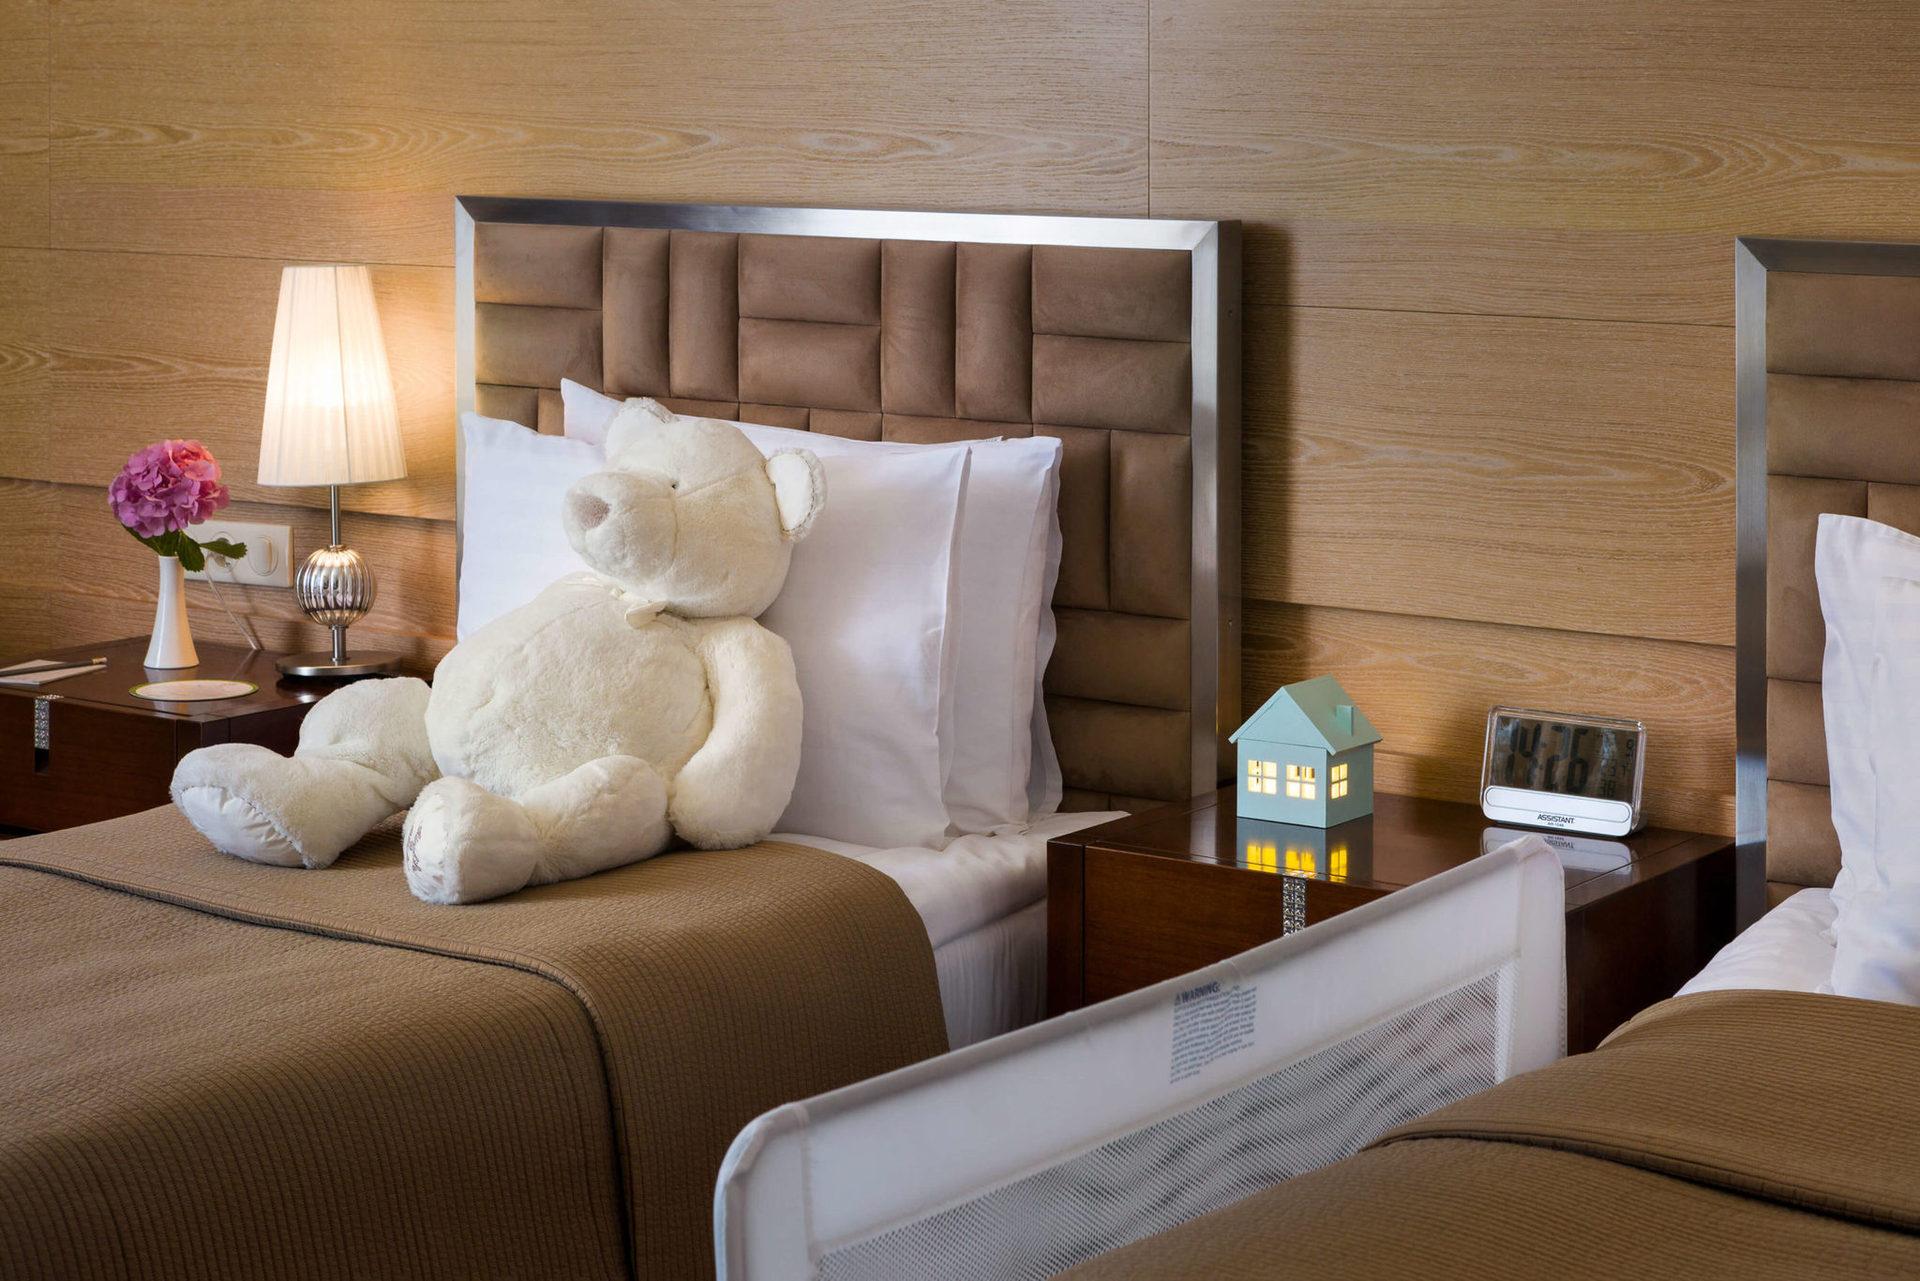 Специальный сервис для гостей с детьми - Family suite (как насчет теплого молока с печеньем на ночь для каждого маленького гостя?)